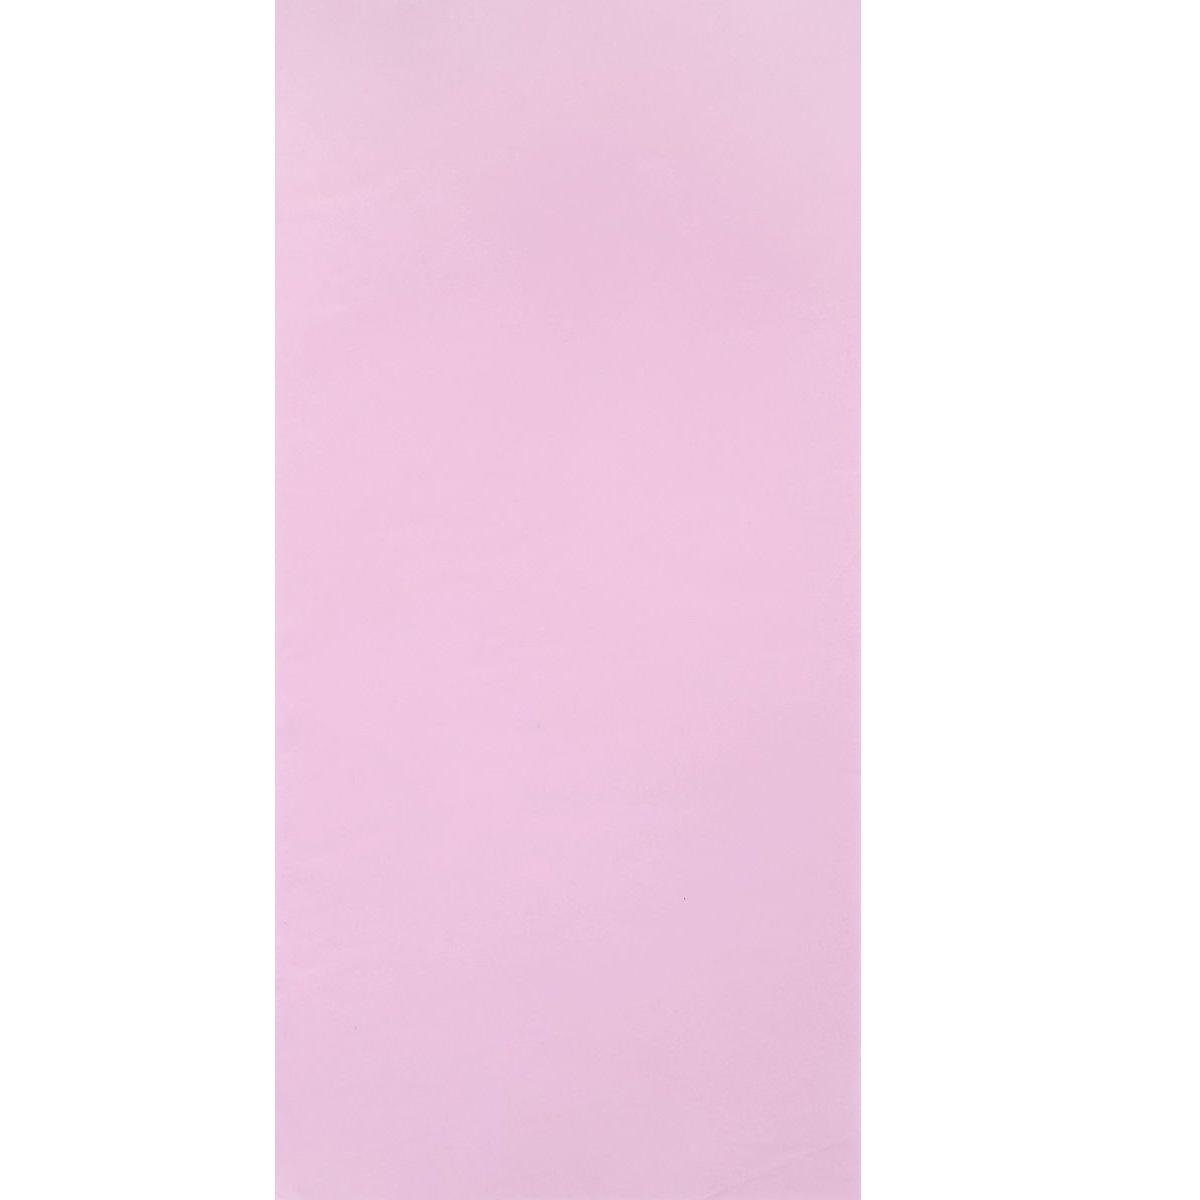 Бумага пластиковая для папильоток для собак Lainee, светло